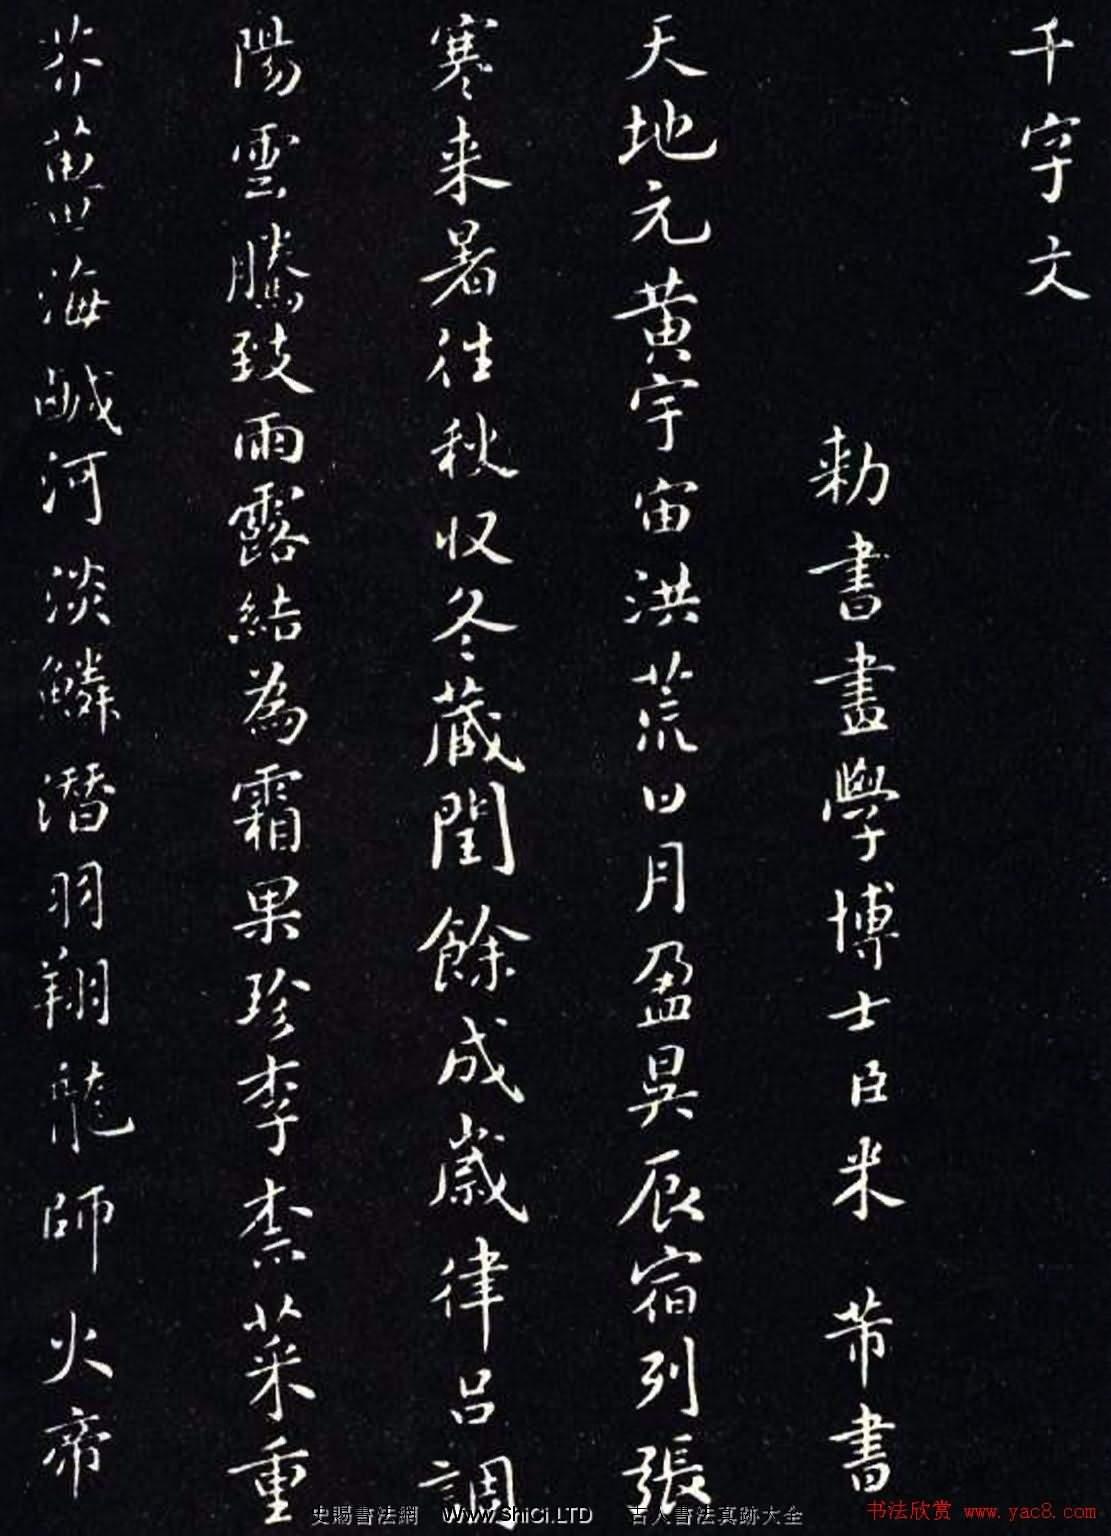 宋代米芾書法字帖《小楷千字文》(共14張圖片)